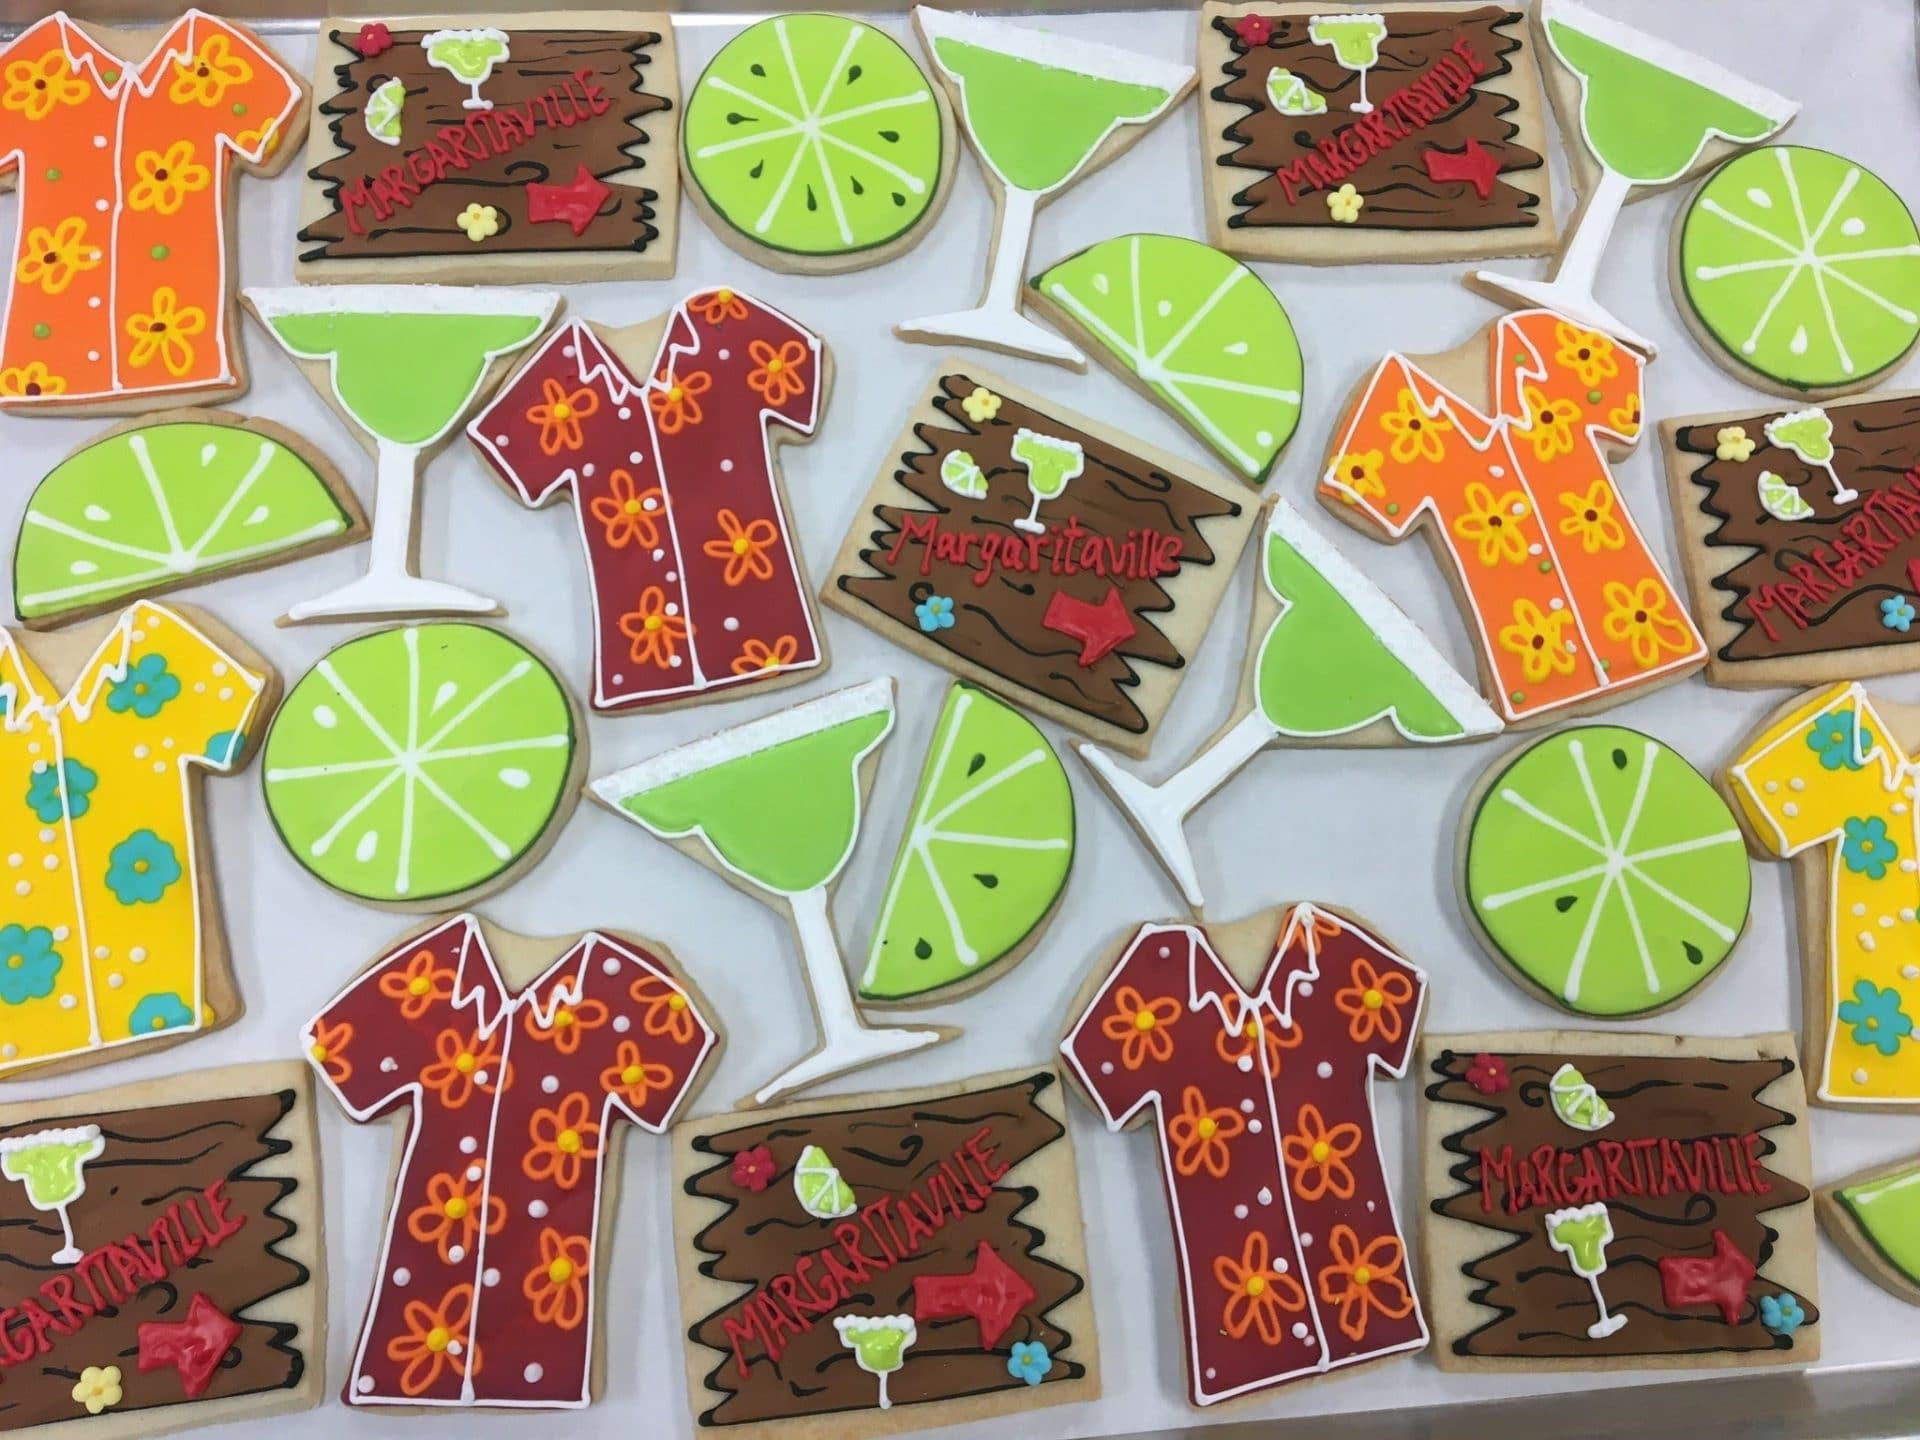 Jimmy Buffet Margaritaville Cookies